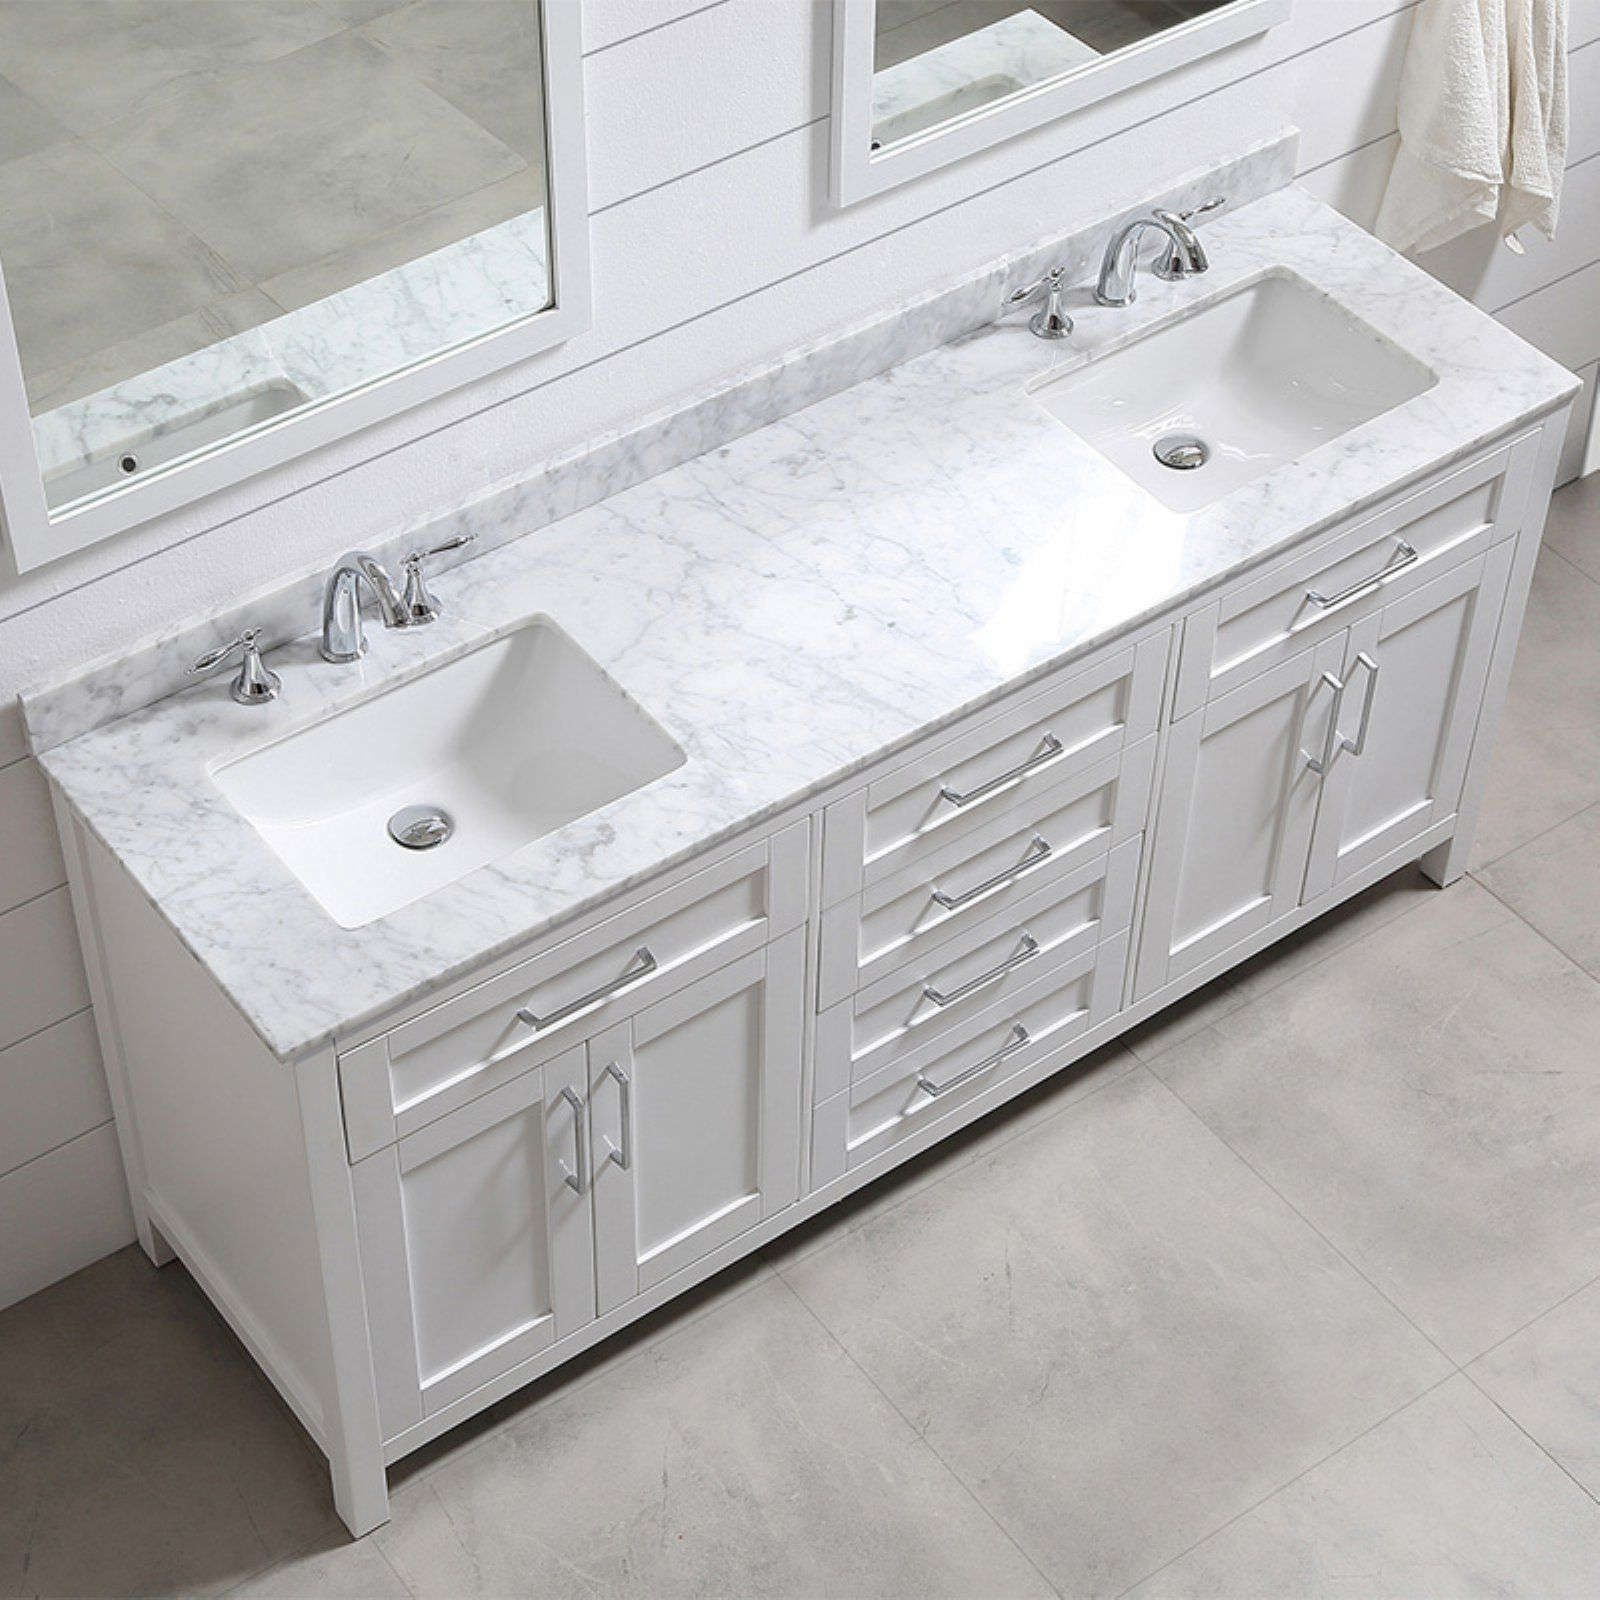 Ove Decors 72 In Double Sink Bathroom Vanity Bathroom Sink